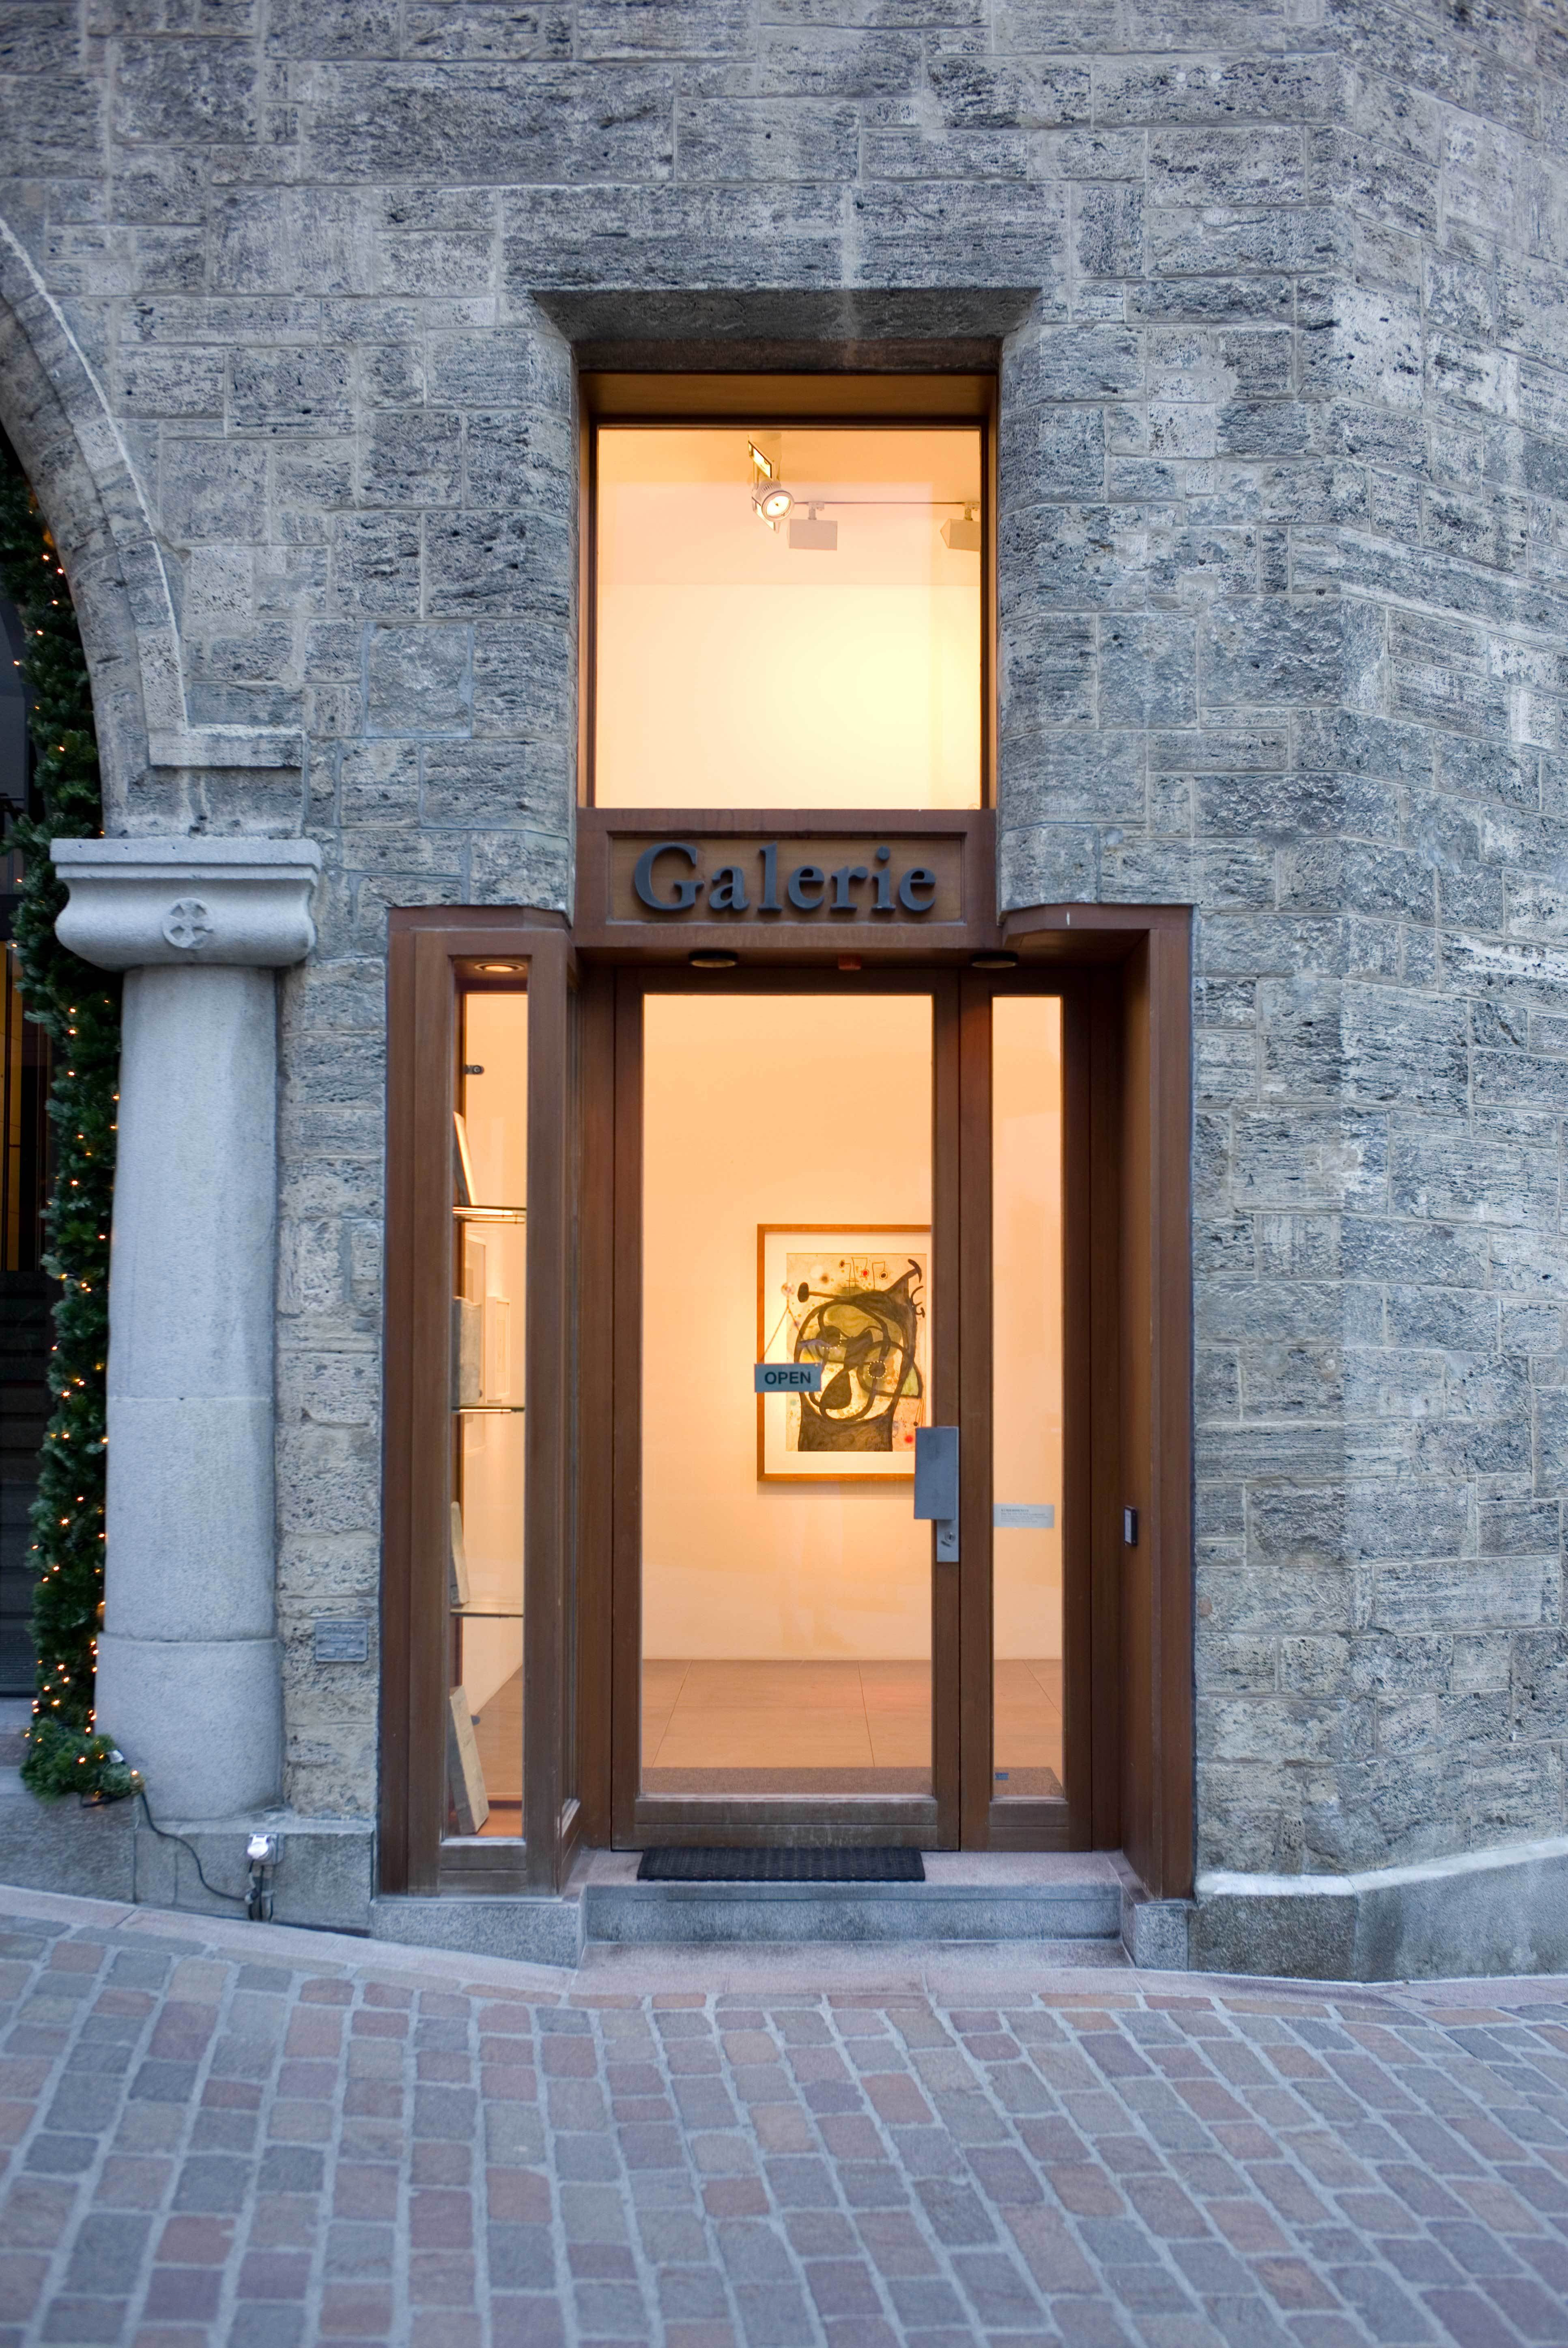 Galerie Karsten Greve